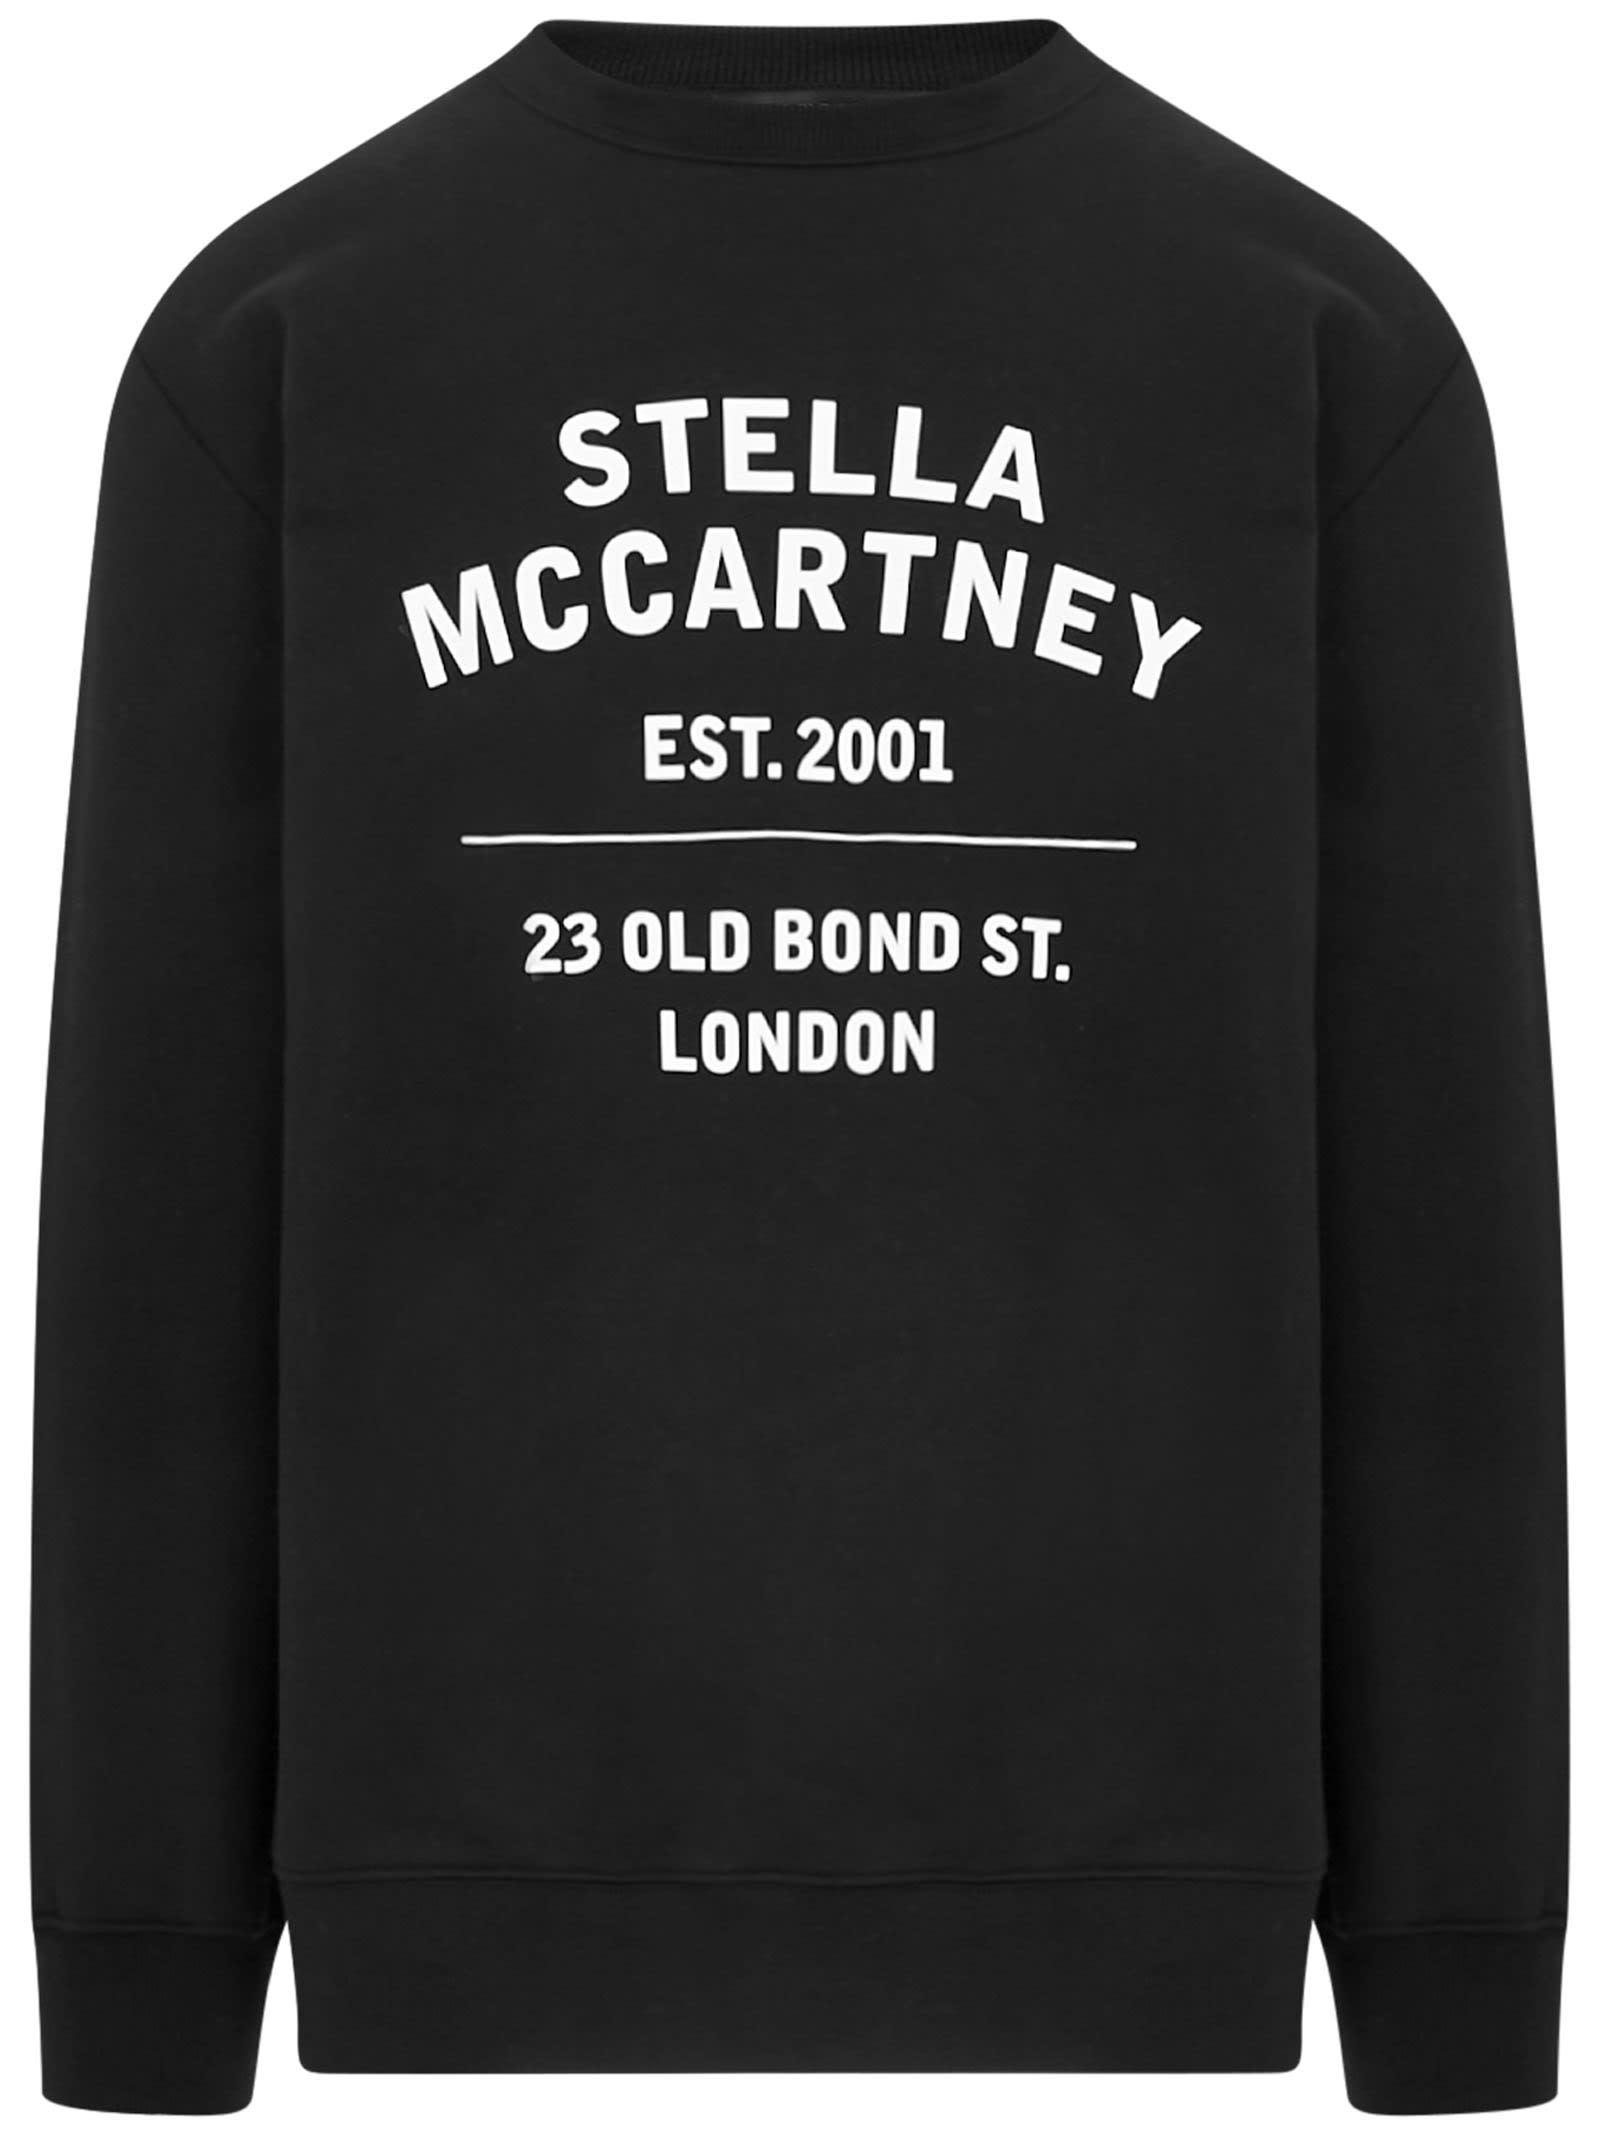 Stella Mccartney STELLA MCCARTENY SWEATSHIRT